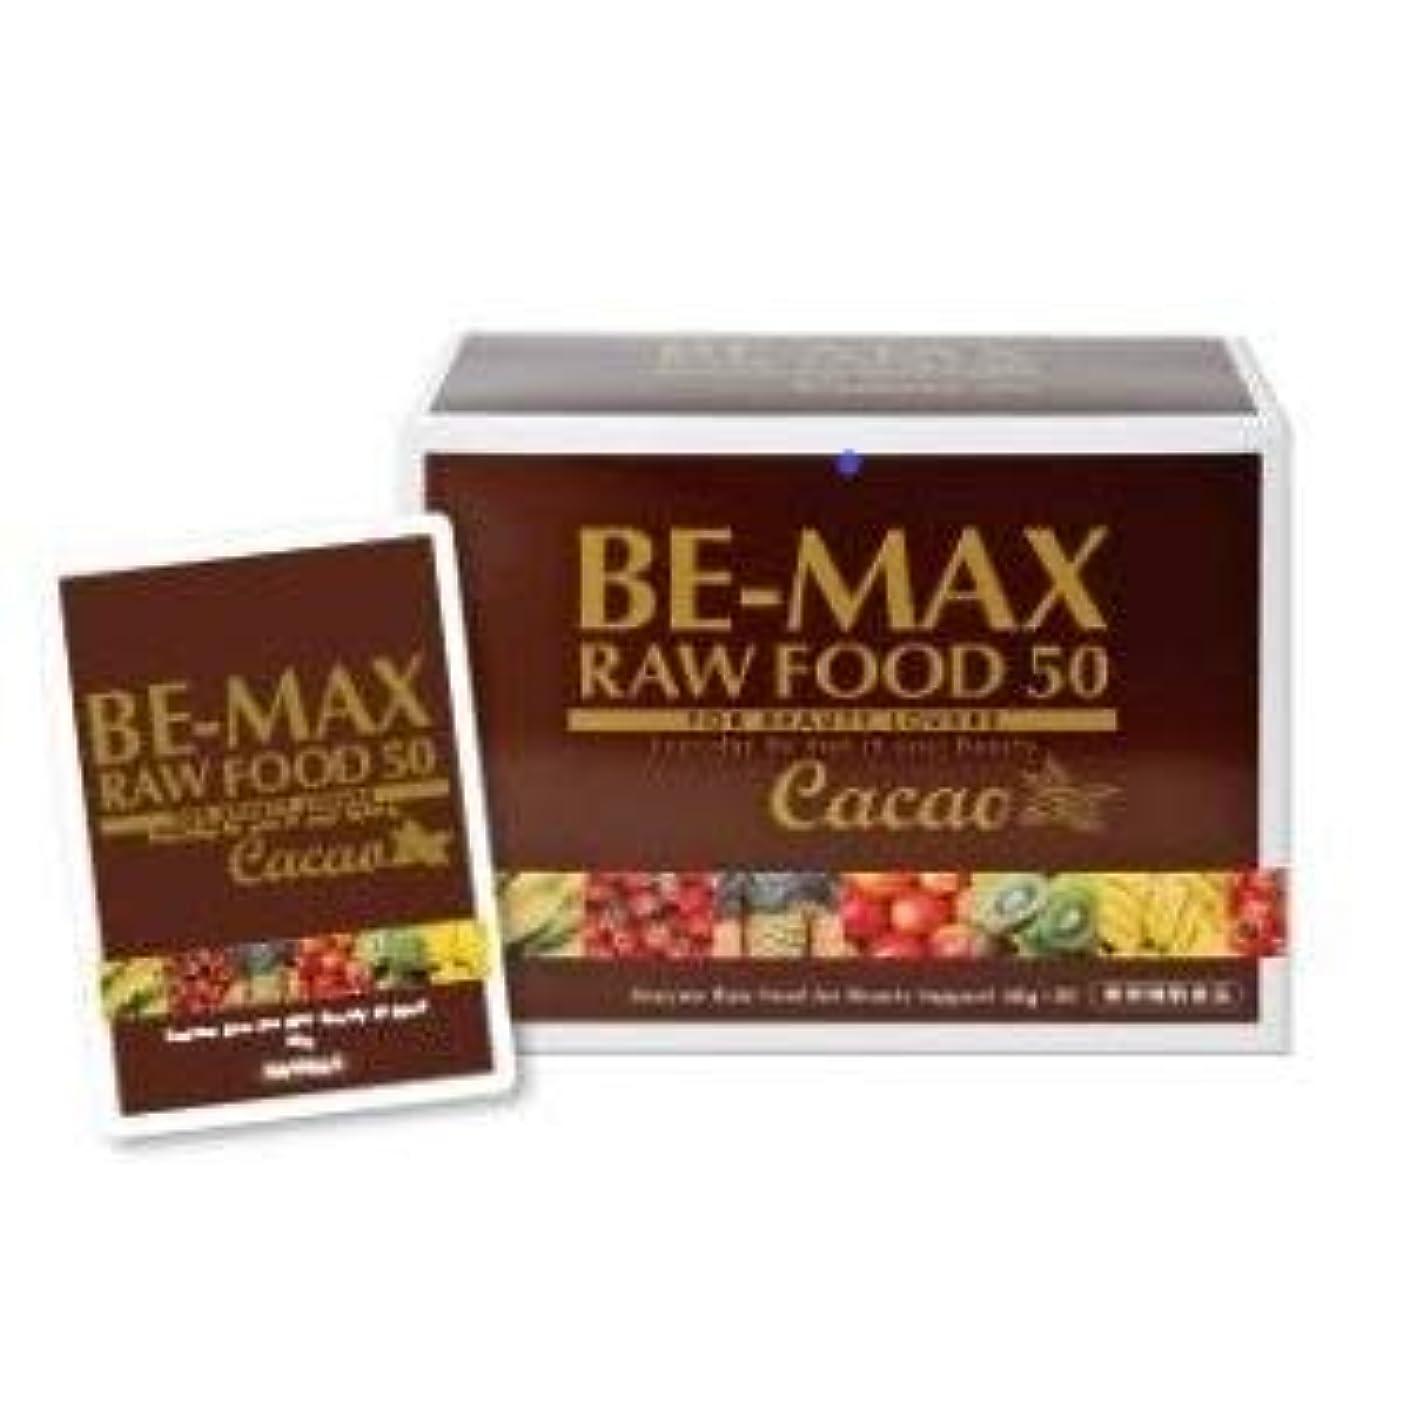 竜巻温室鎮痛剤BE-MAX RAW FOOD 50 Cacao ローフード 50 カカオ